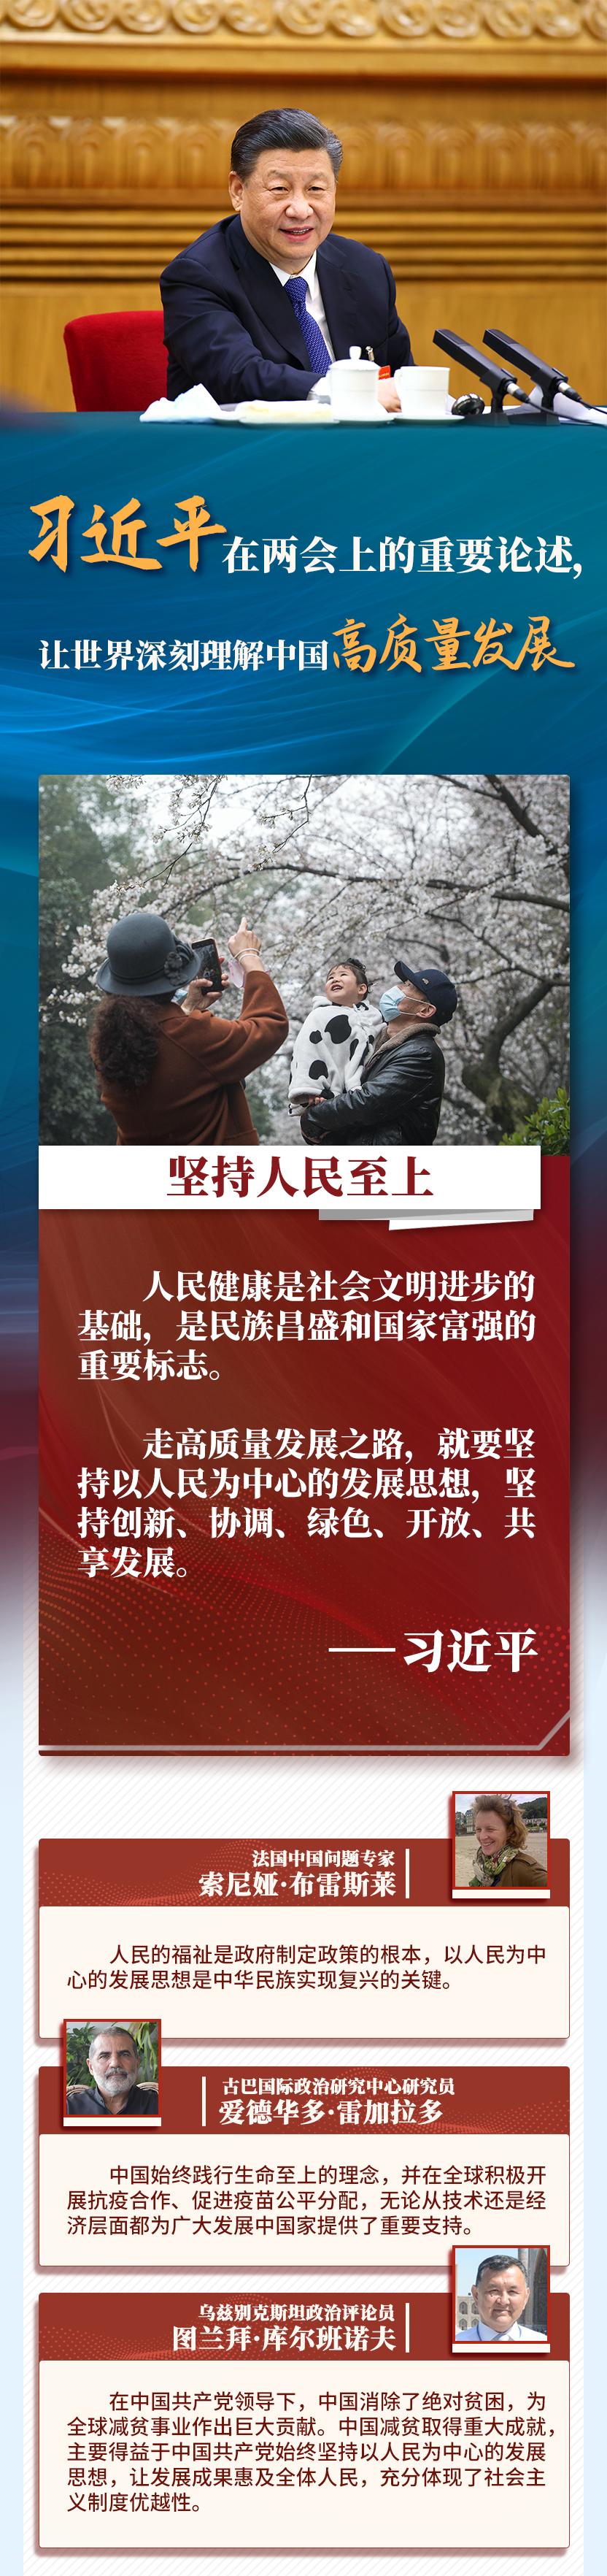 第一报道 | 习近平在两会上的重要阐述,让世界深刻领略中国高质量成长